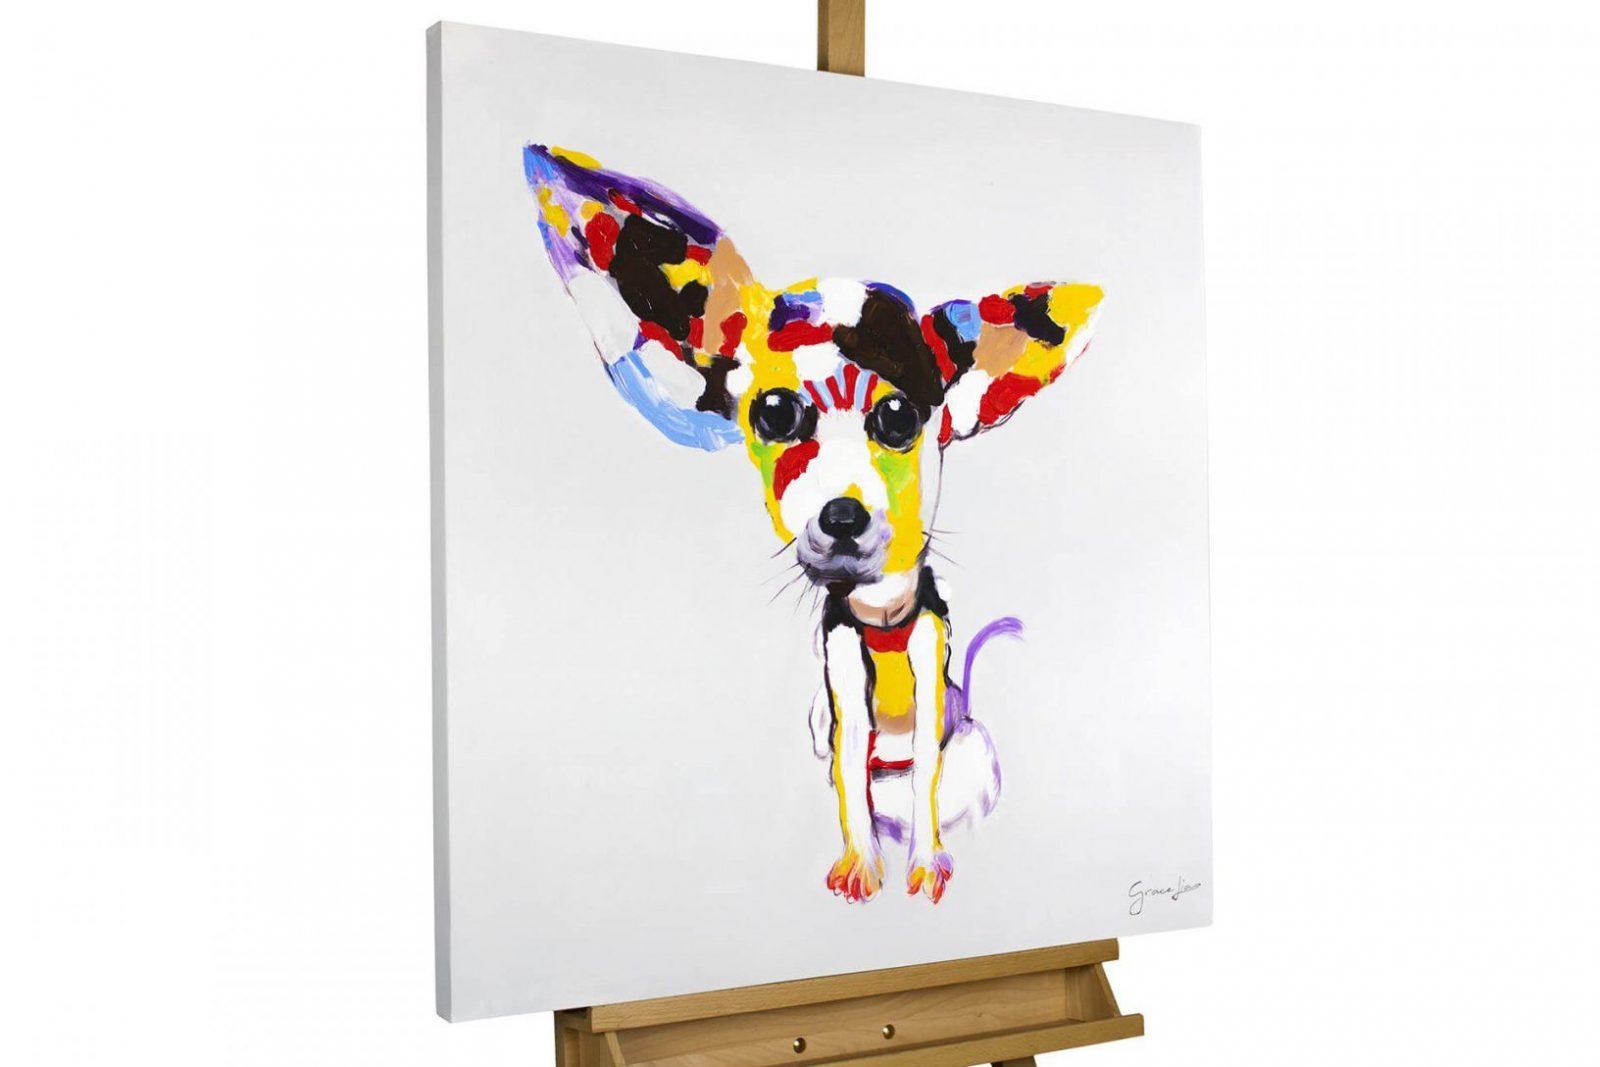 Handgemaltes Acrylbild Mit Buntem Chihuahua  Kunstloft von Leinwandbilder Selbst Gemalt Modern Photo